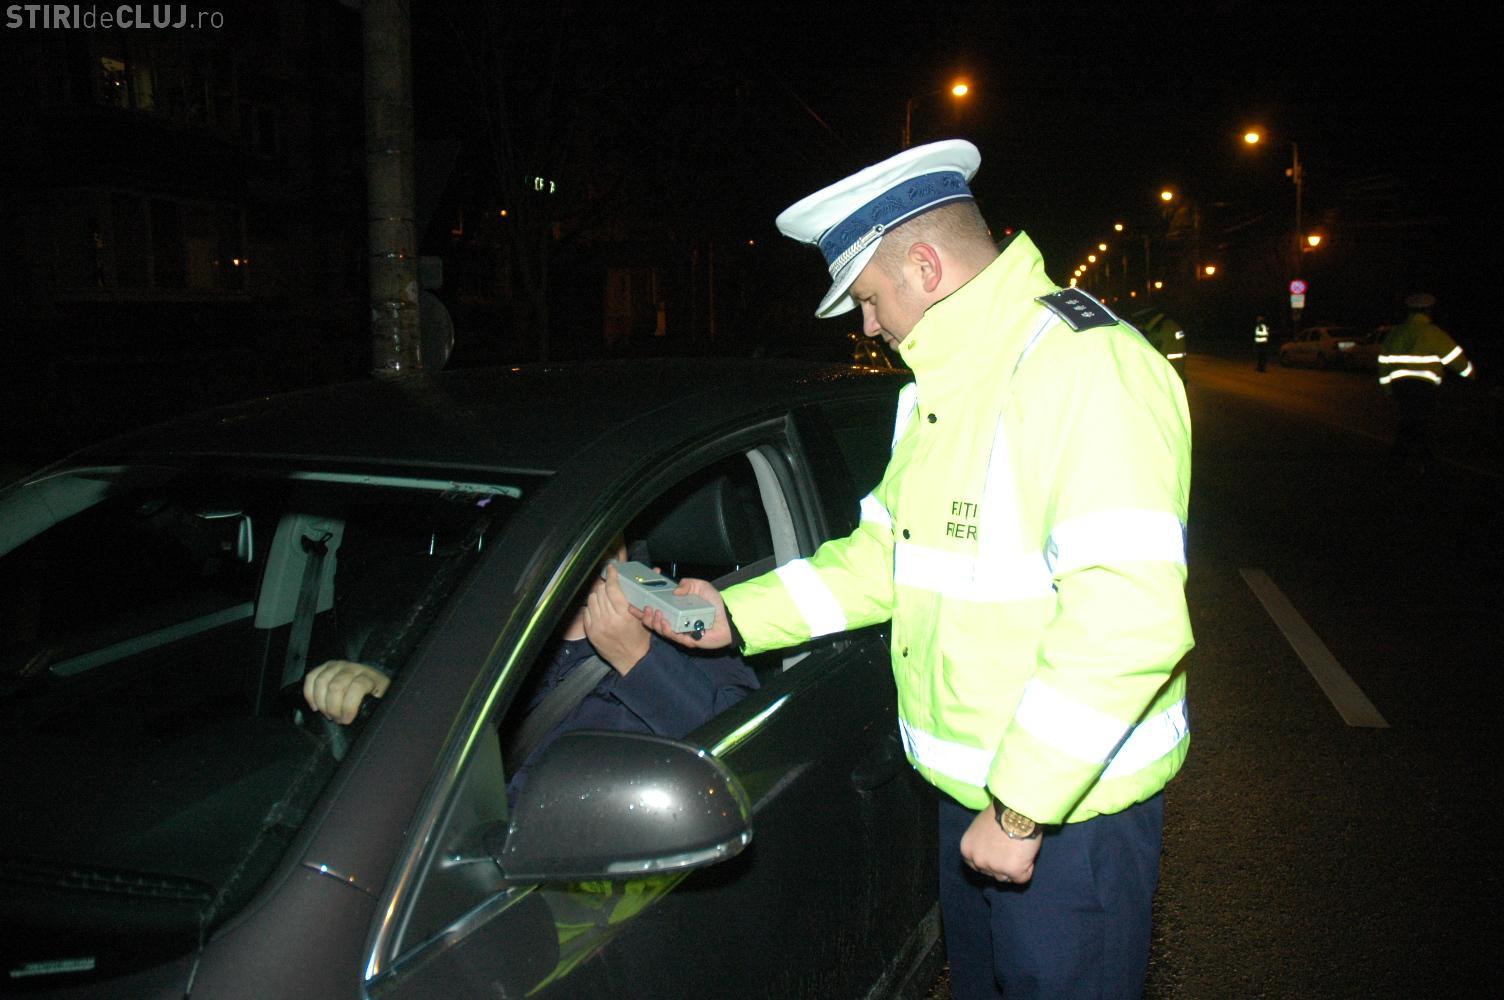 Razie în toiul nopții, în centrul Clujului. Scandalagii și șoferii au fost în vizorul polițiștilor